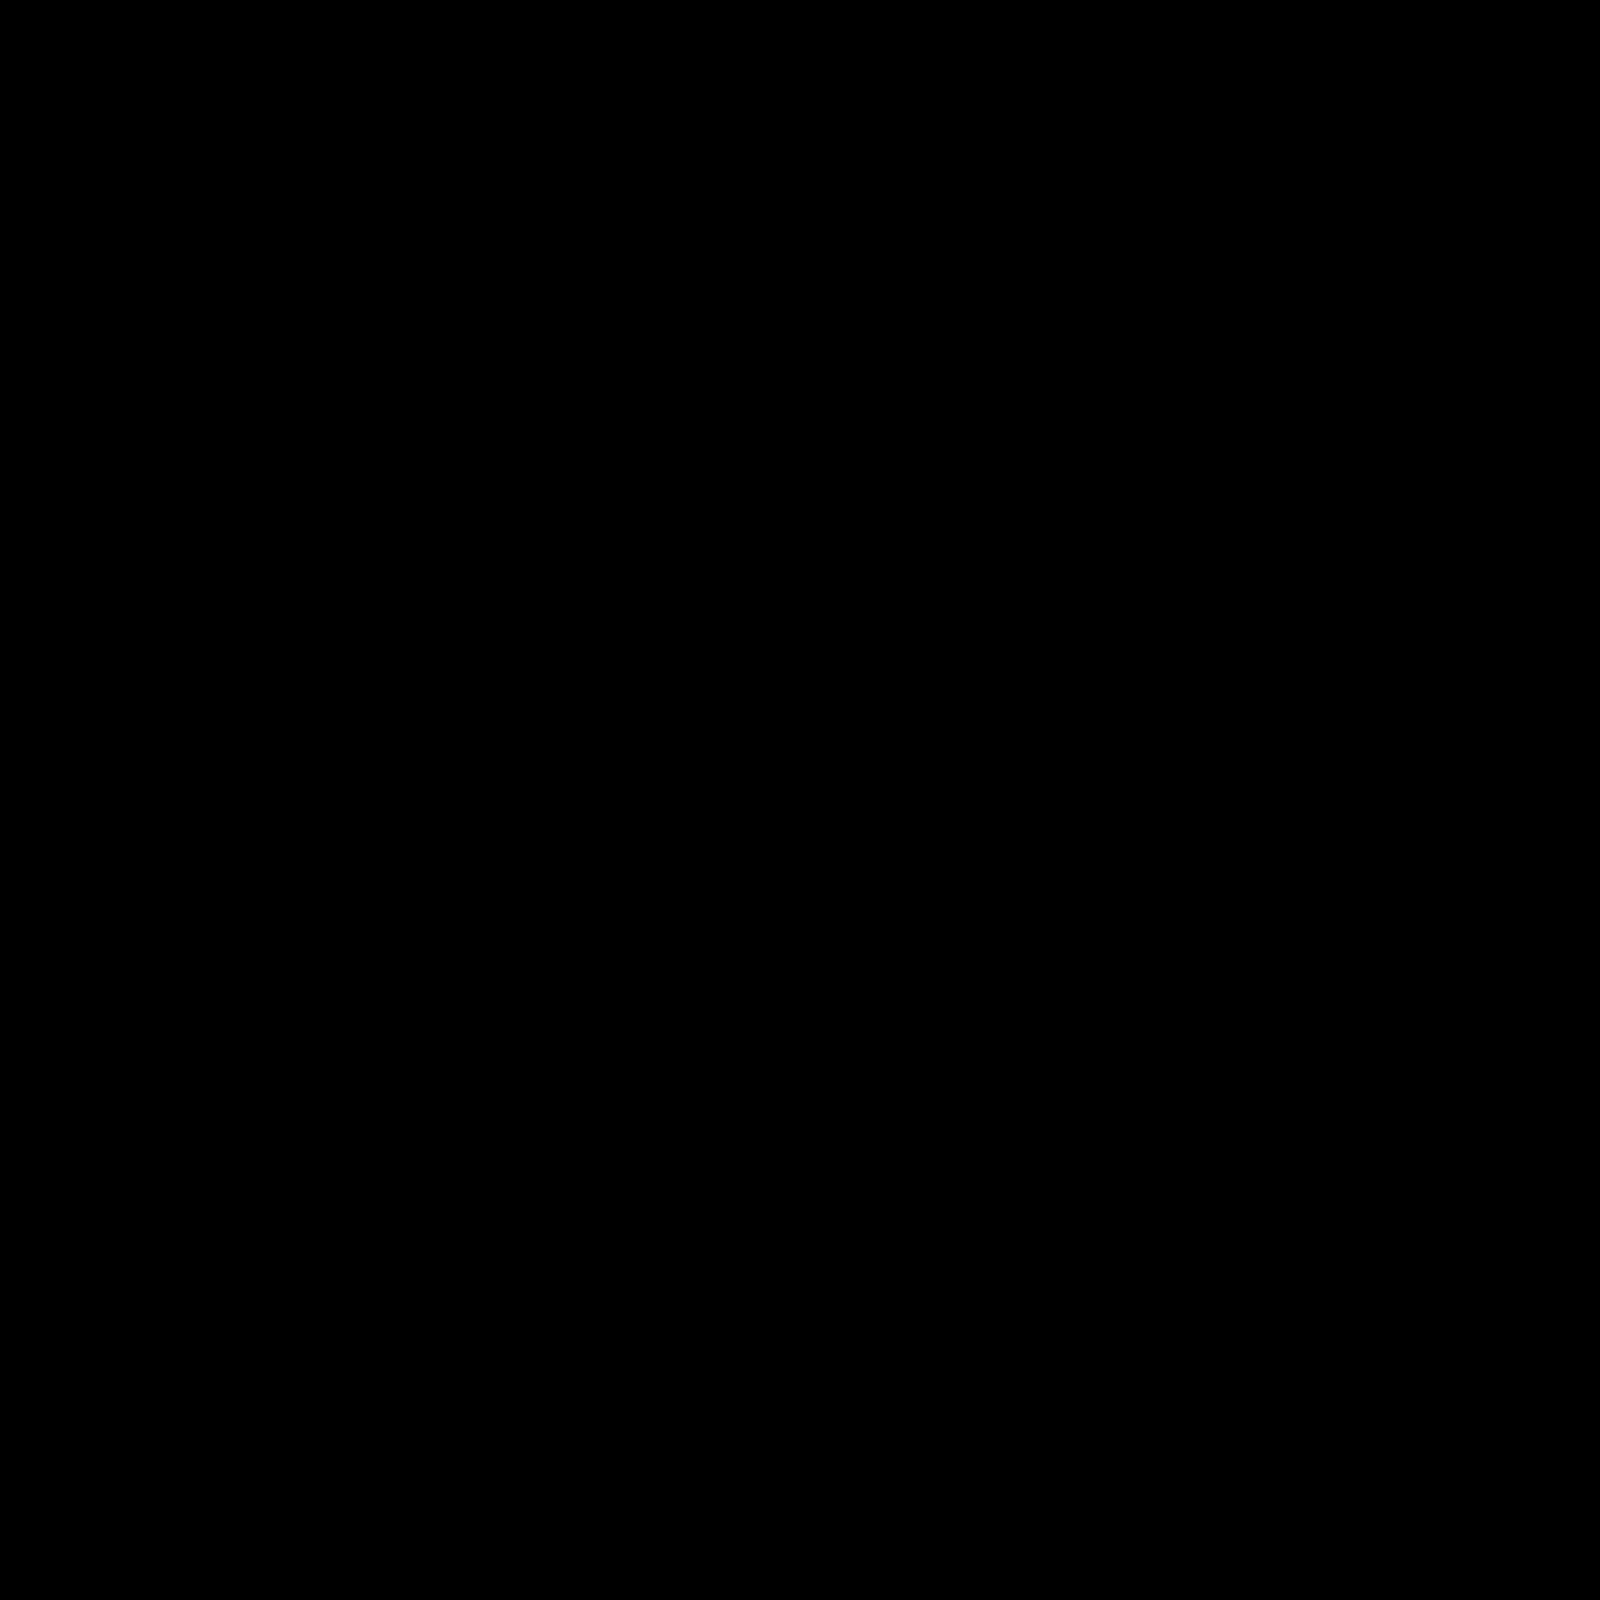 Złota Gorączka icon